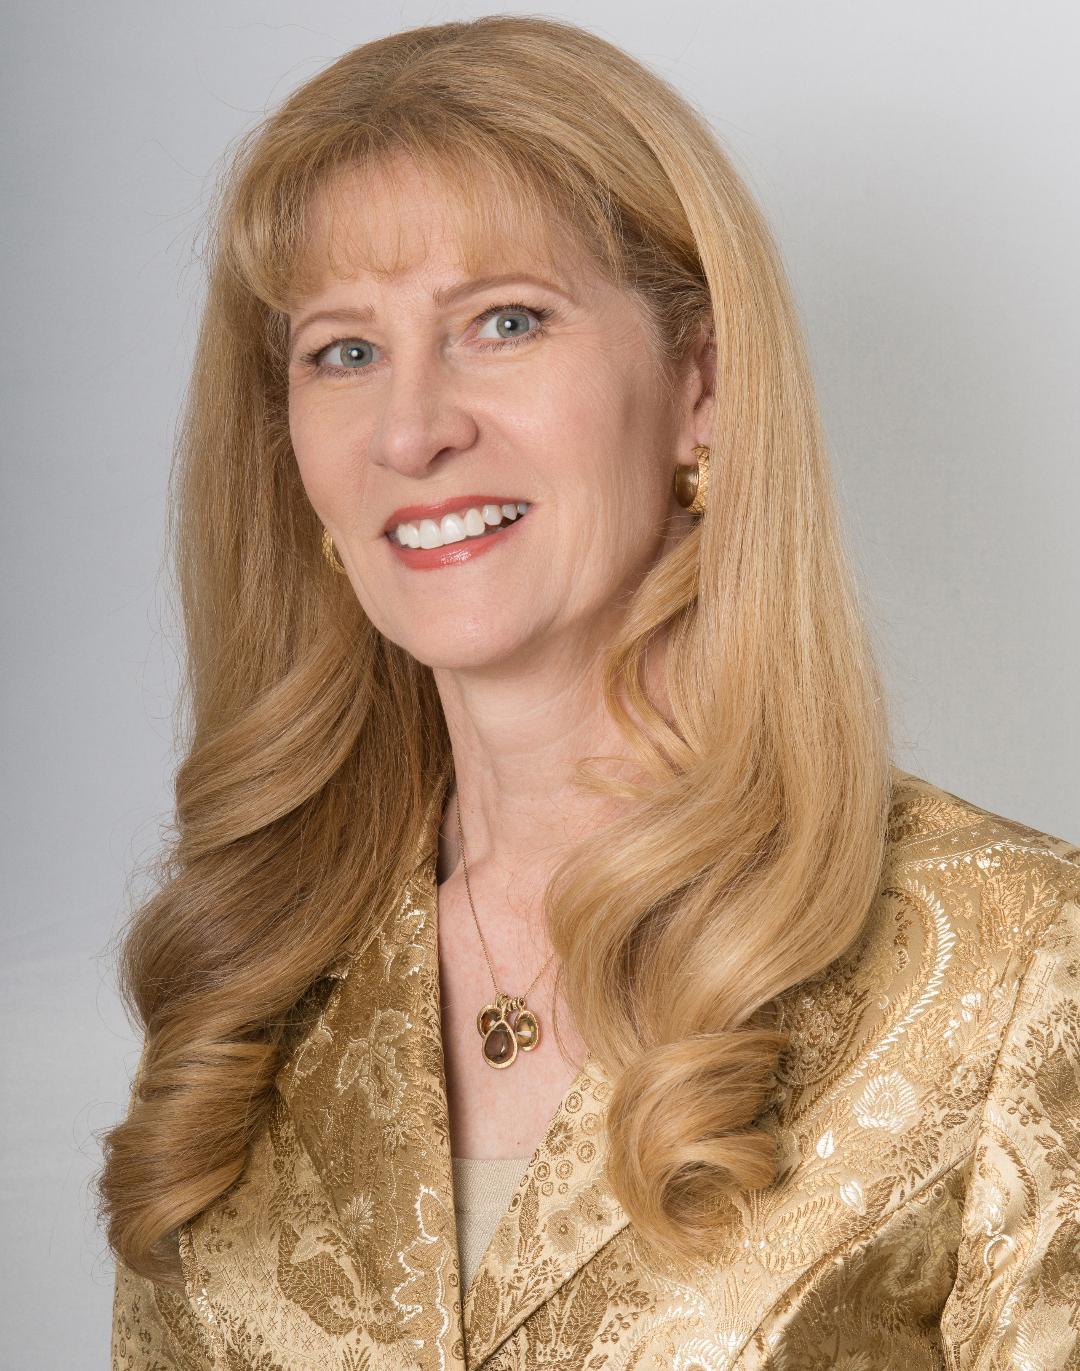 Homecoming Q&A: Laura Pedersen